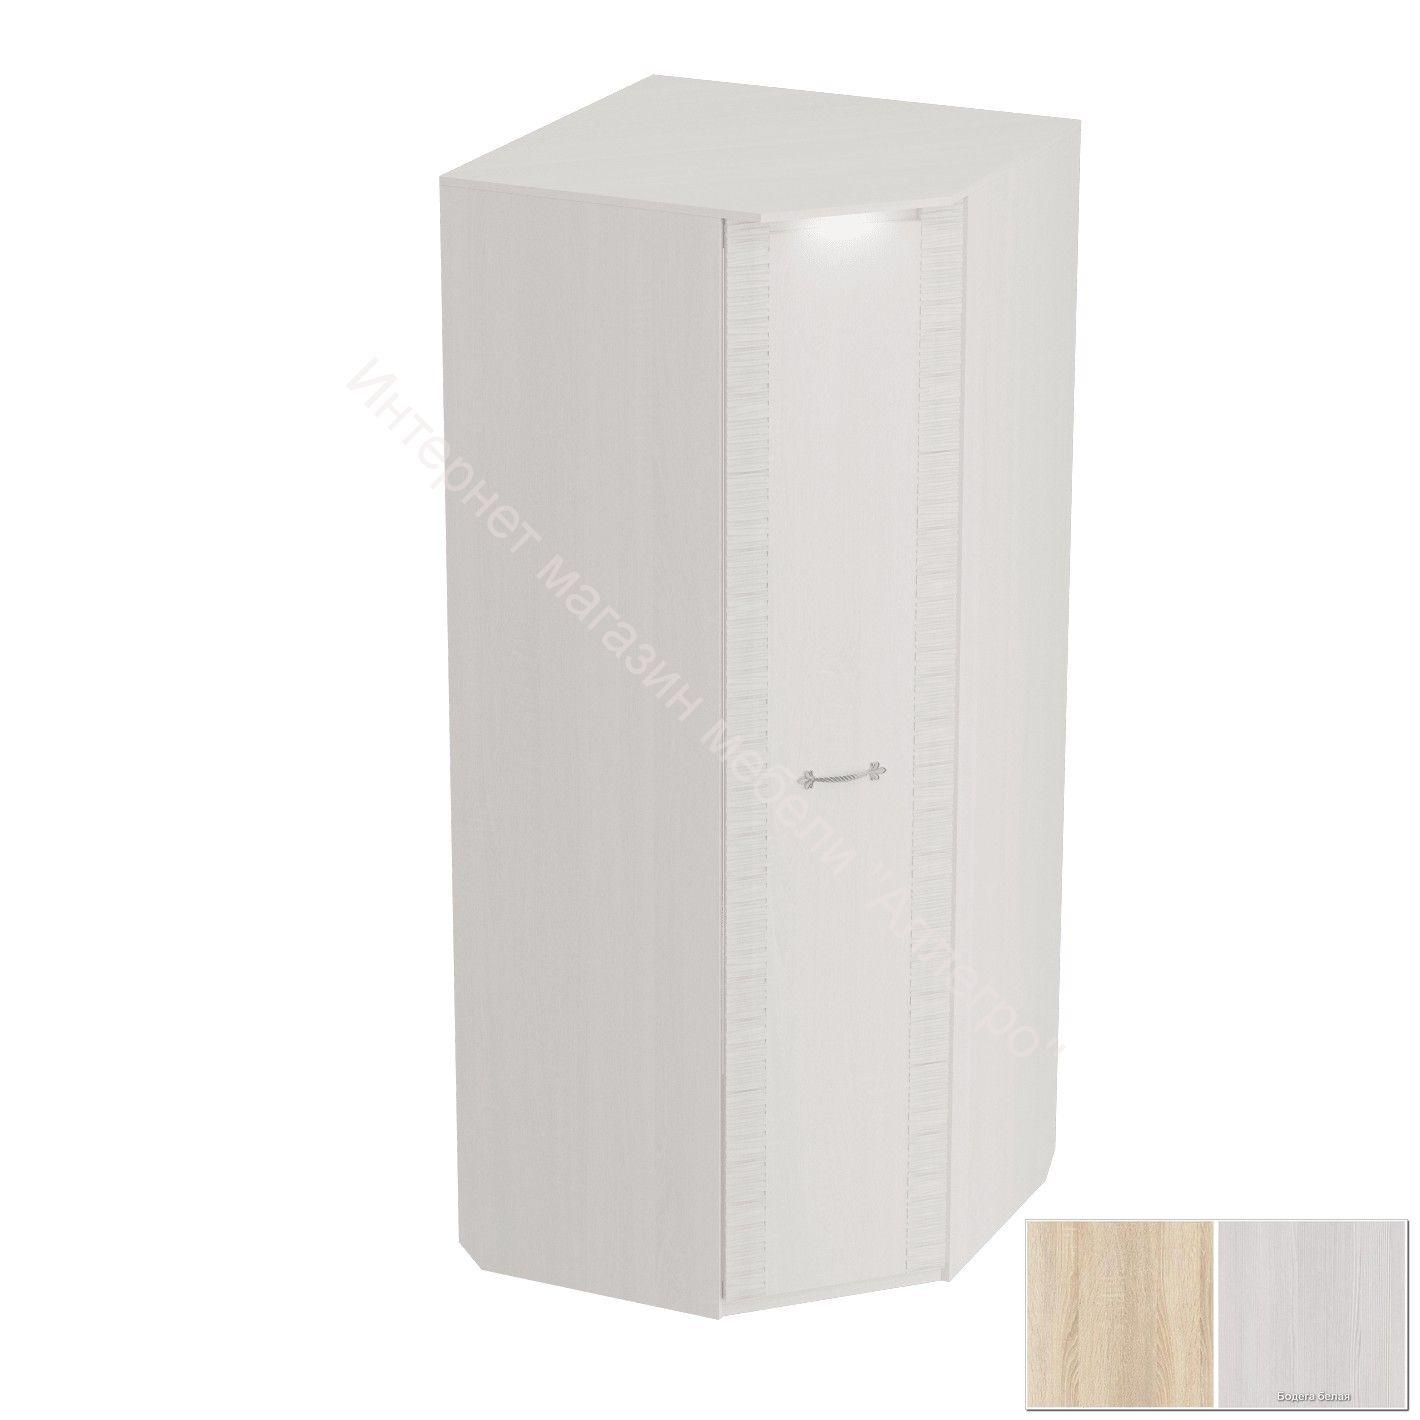 Шкаф угловой «Элана» 900х900х2185 со светильником